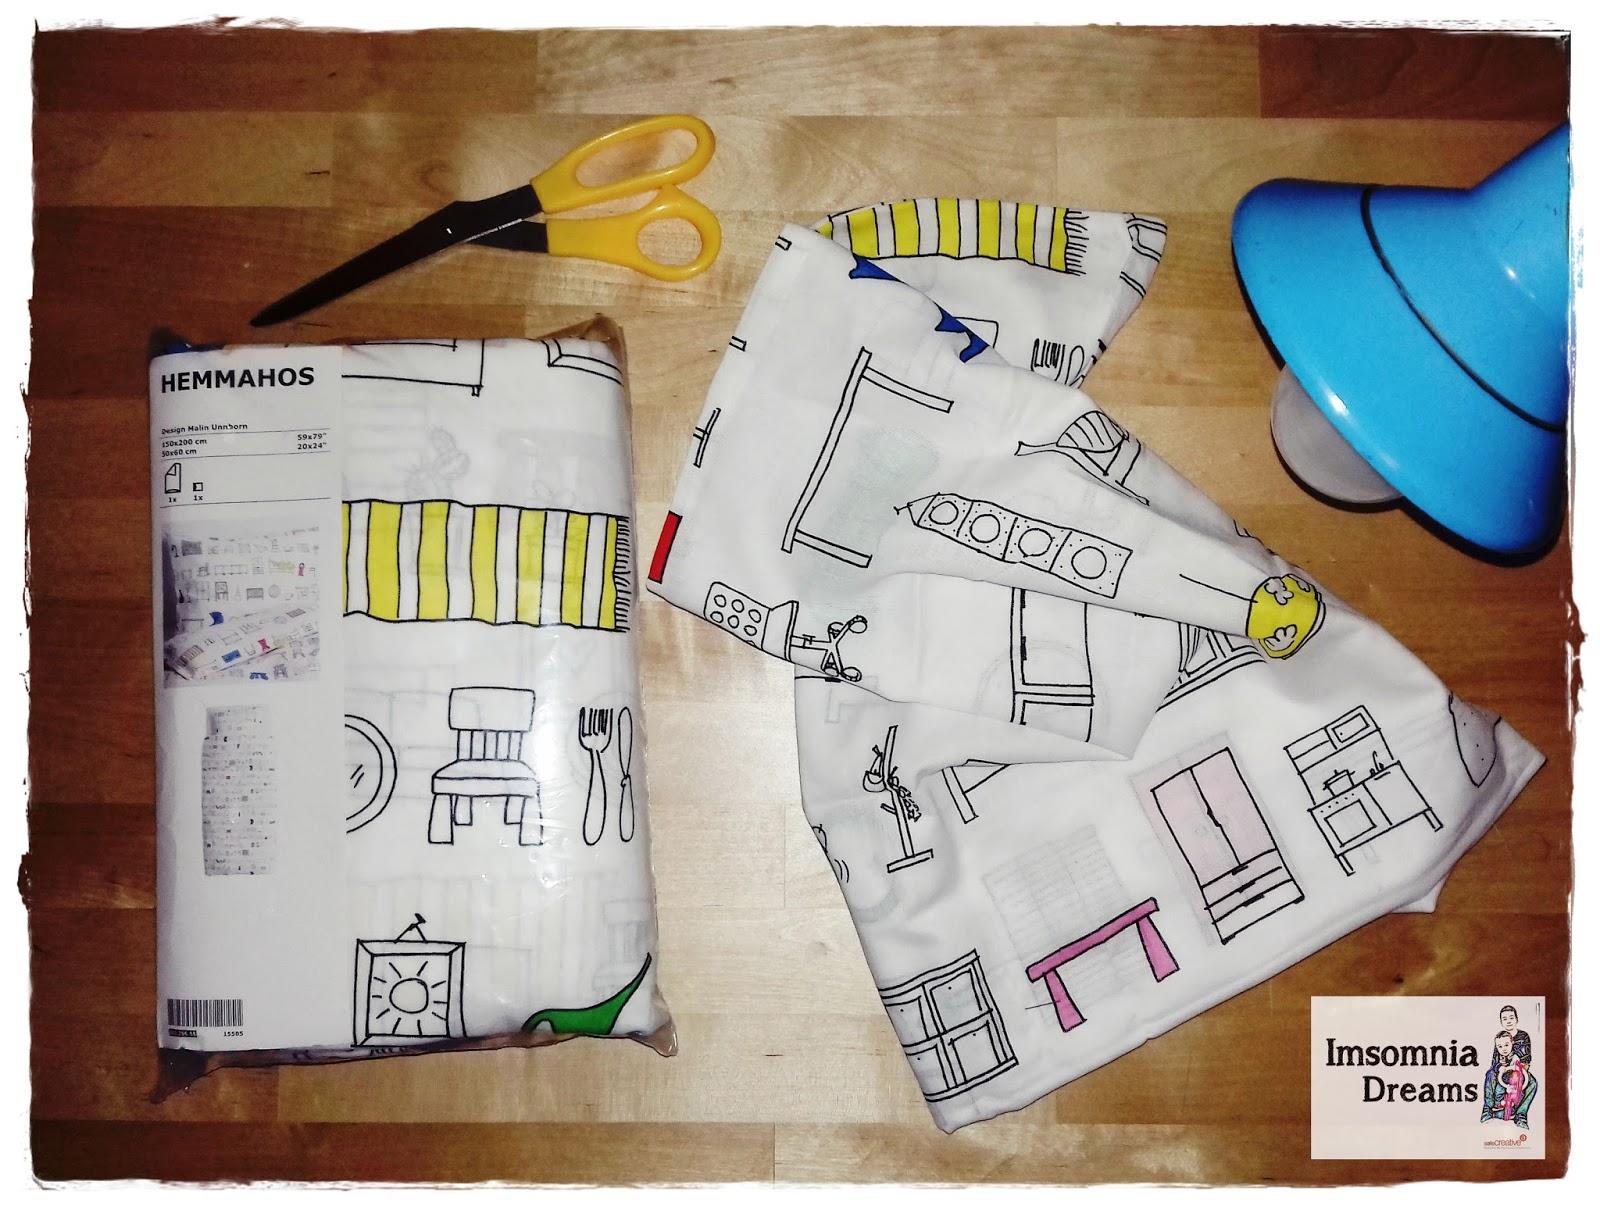 fundas cojines ikea ImsomniaDreams DIAS DE COSTURA DE FUNDA DE COJN DE IKEA